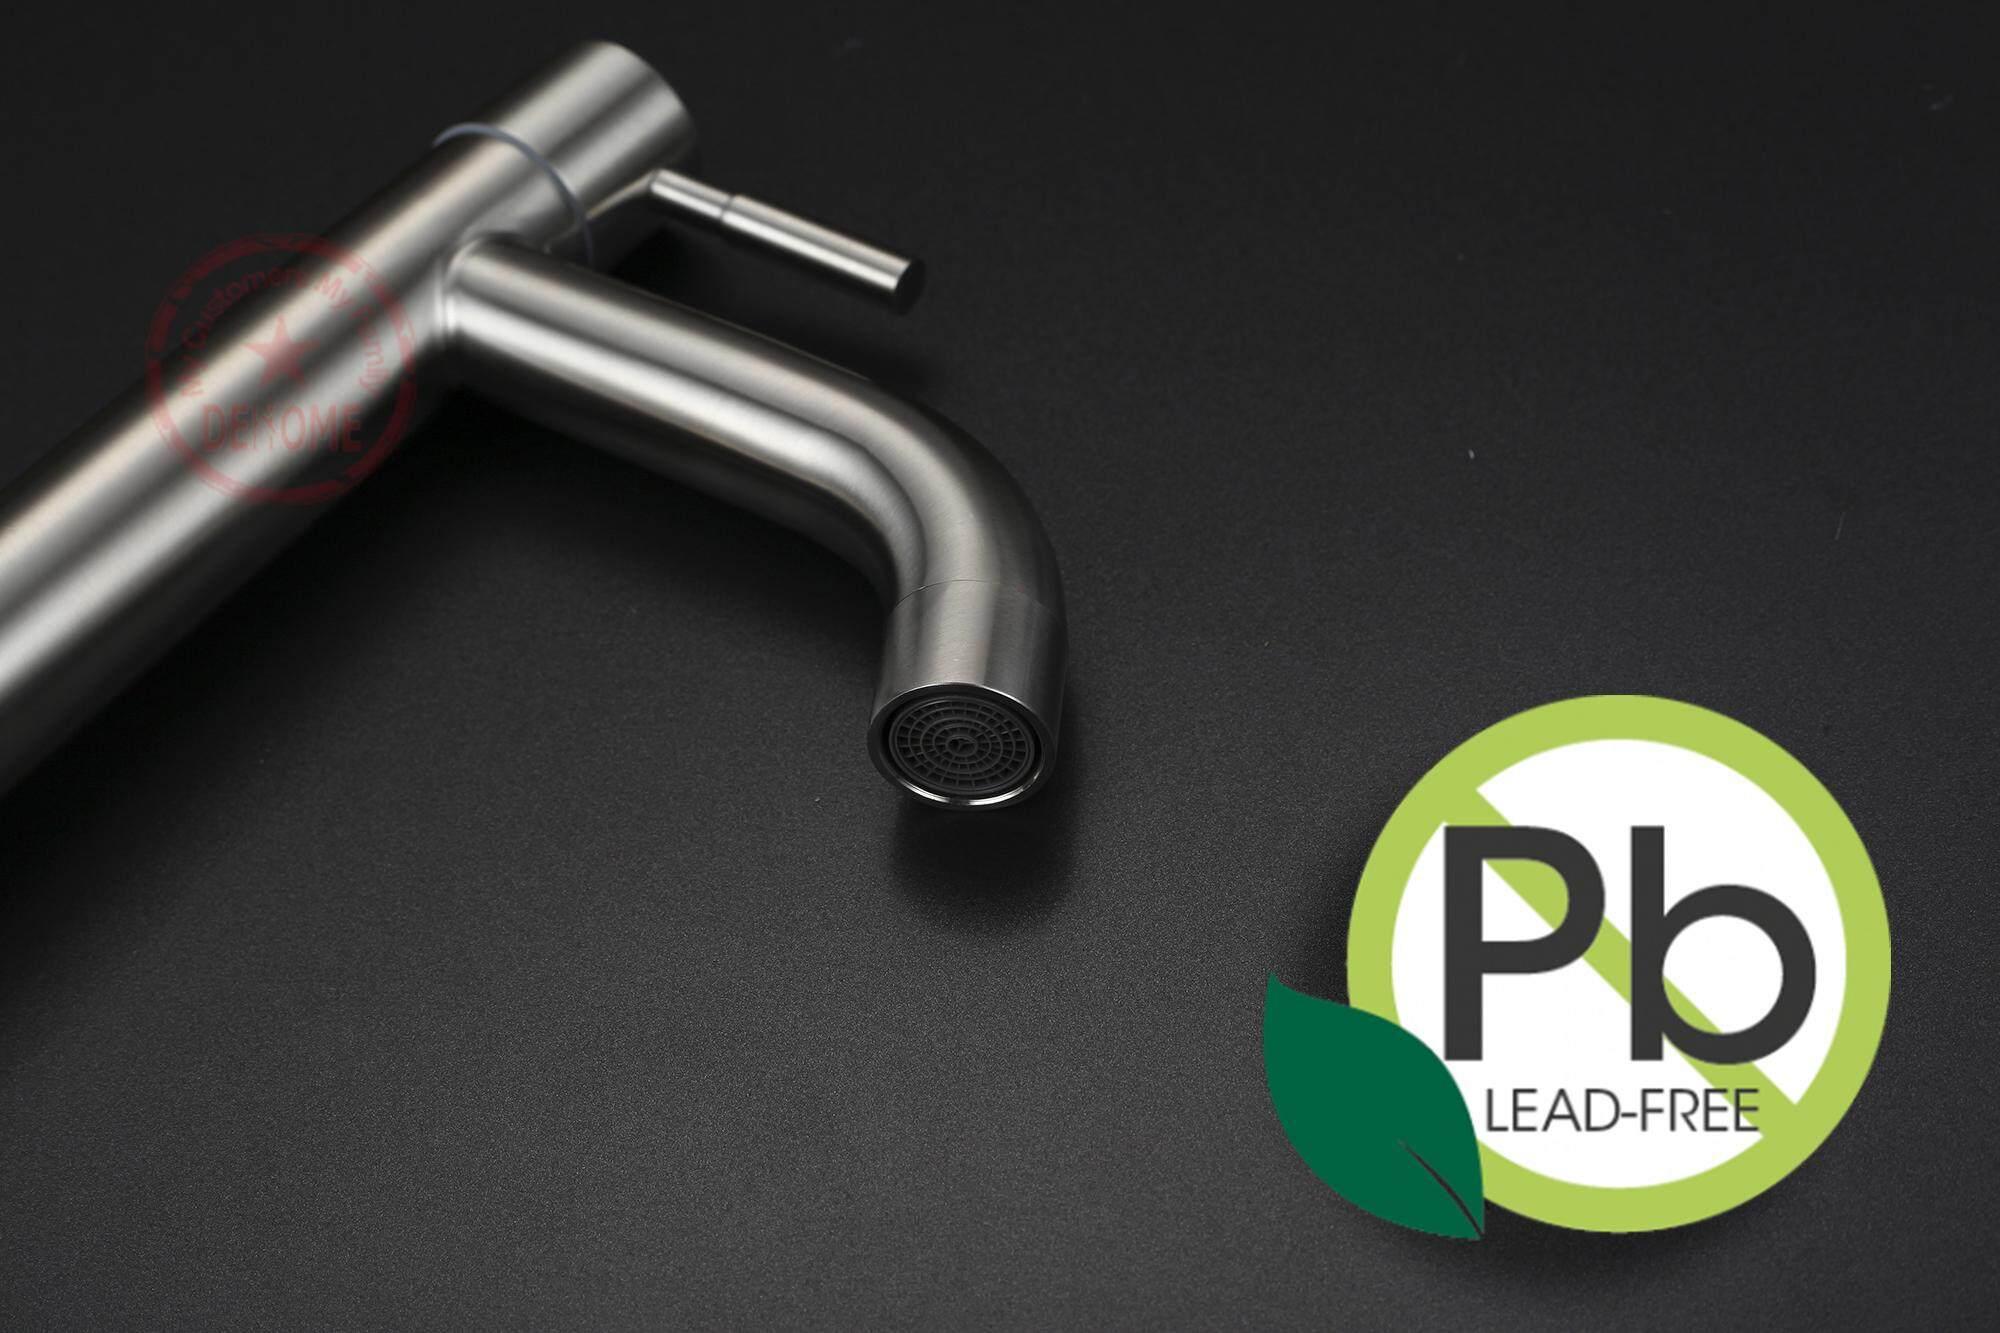 B6101 Stainless Steel SUS304 Modern Single Handle Bathroom Faucet ...